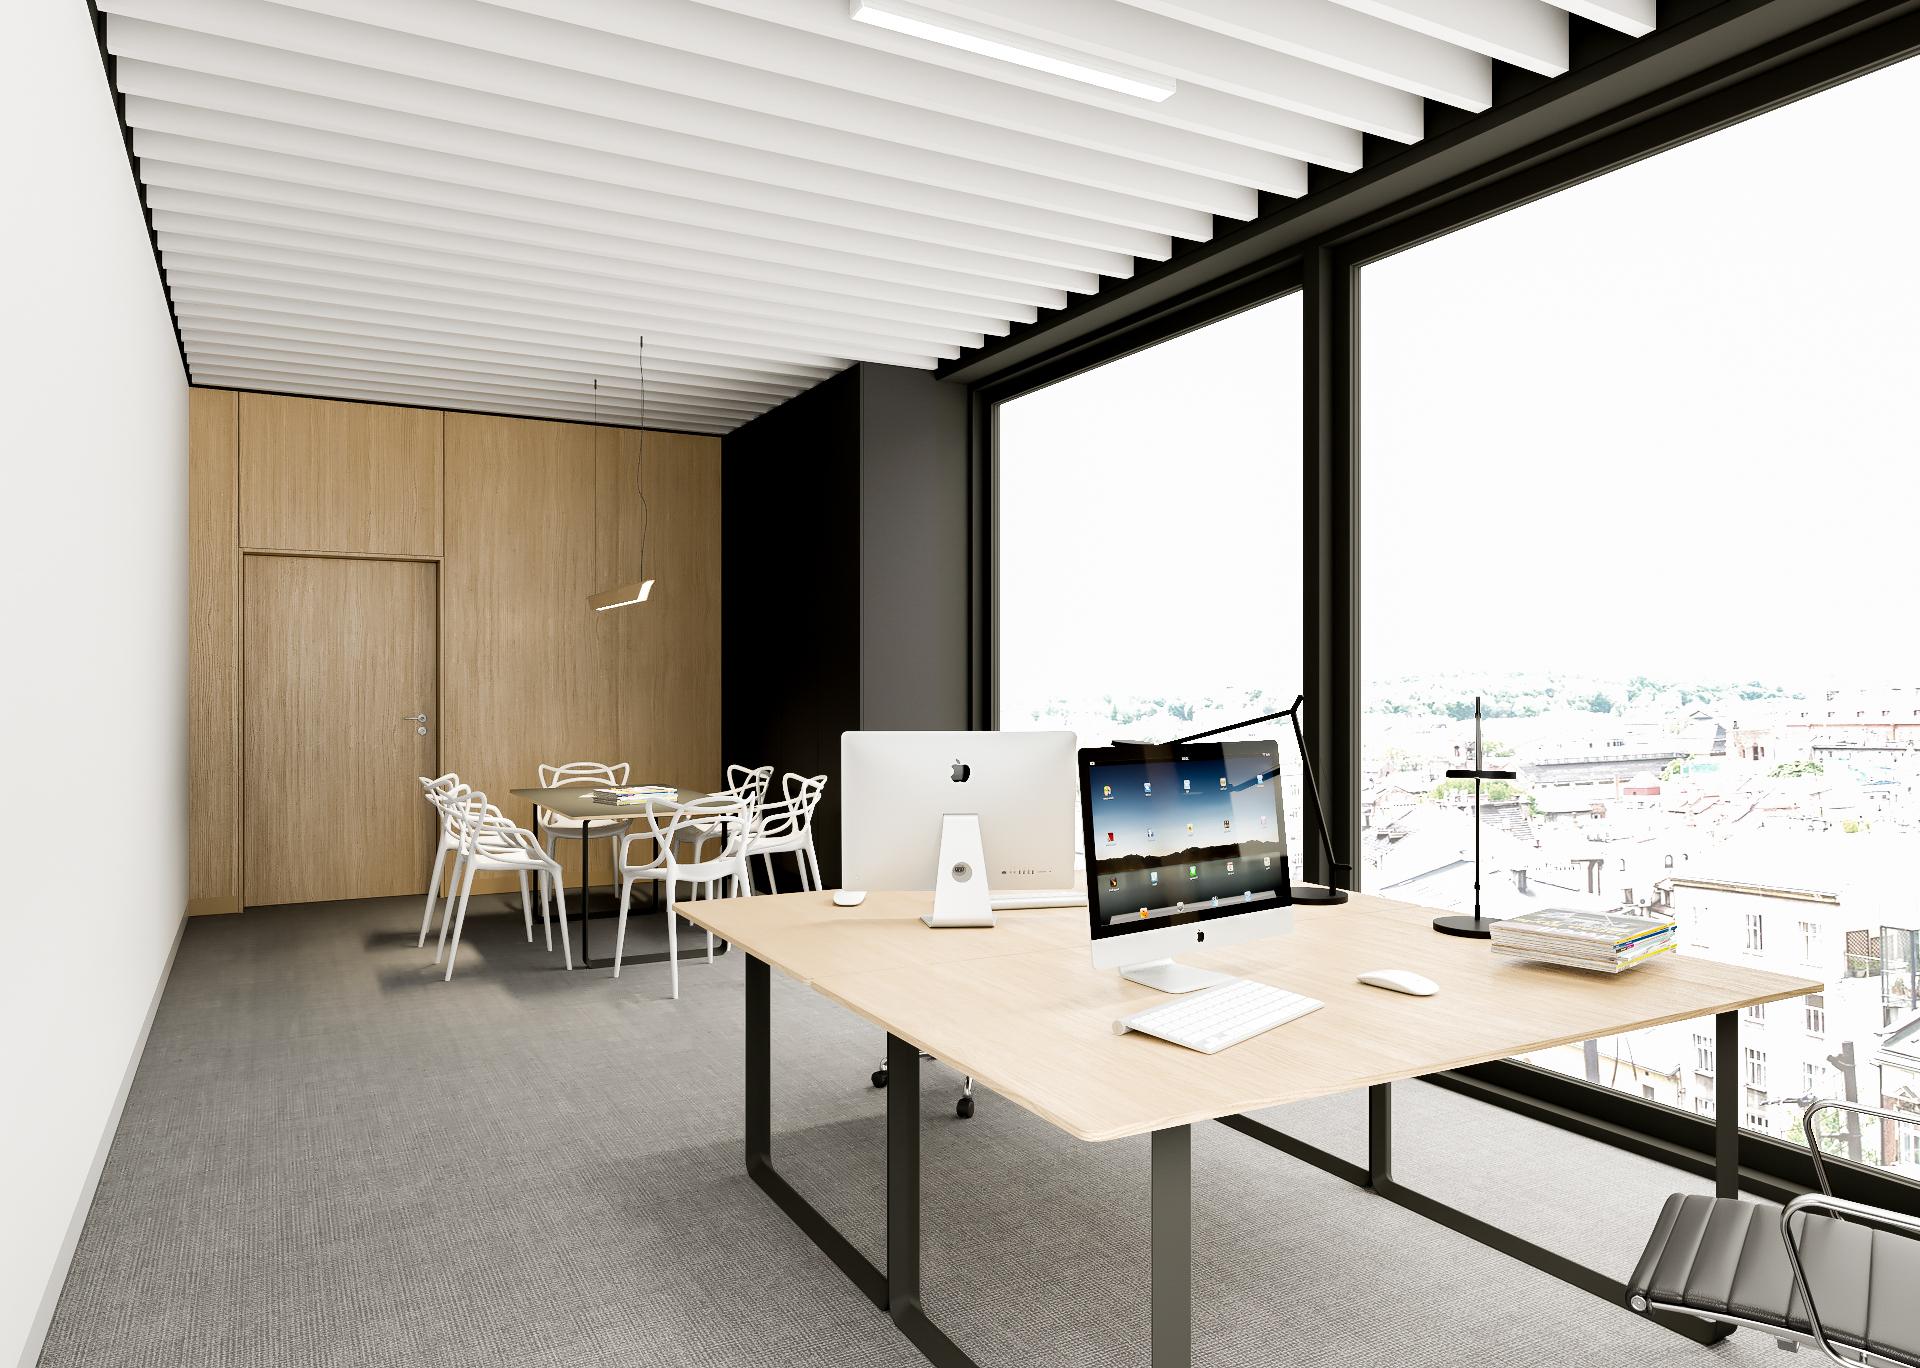 Pokój z dużymi oknami z dwoma biurkami. Na biurkach znajdują się laptopy. W pokoju nie ma osób.